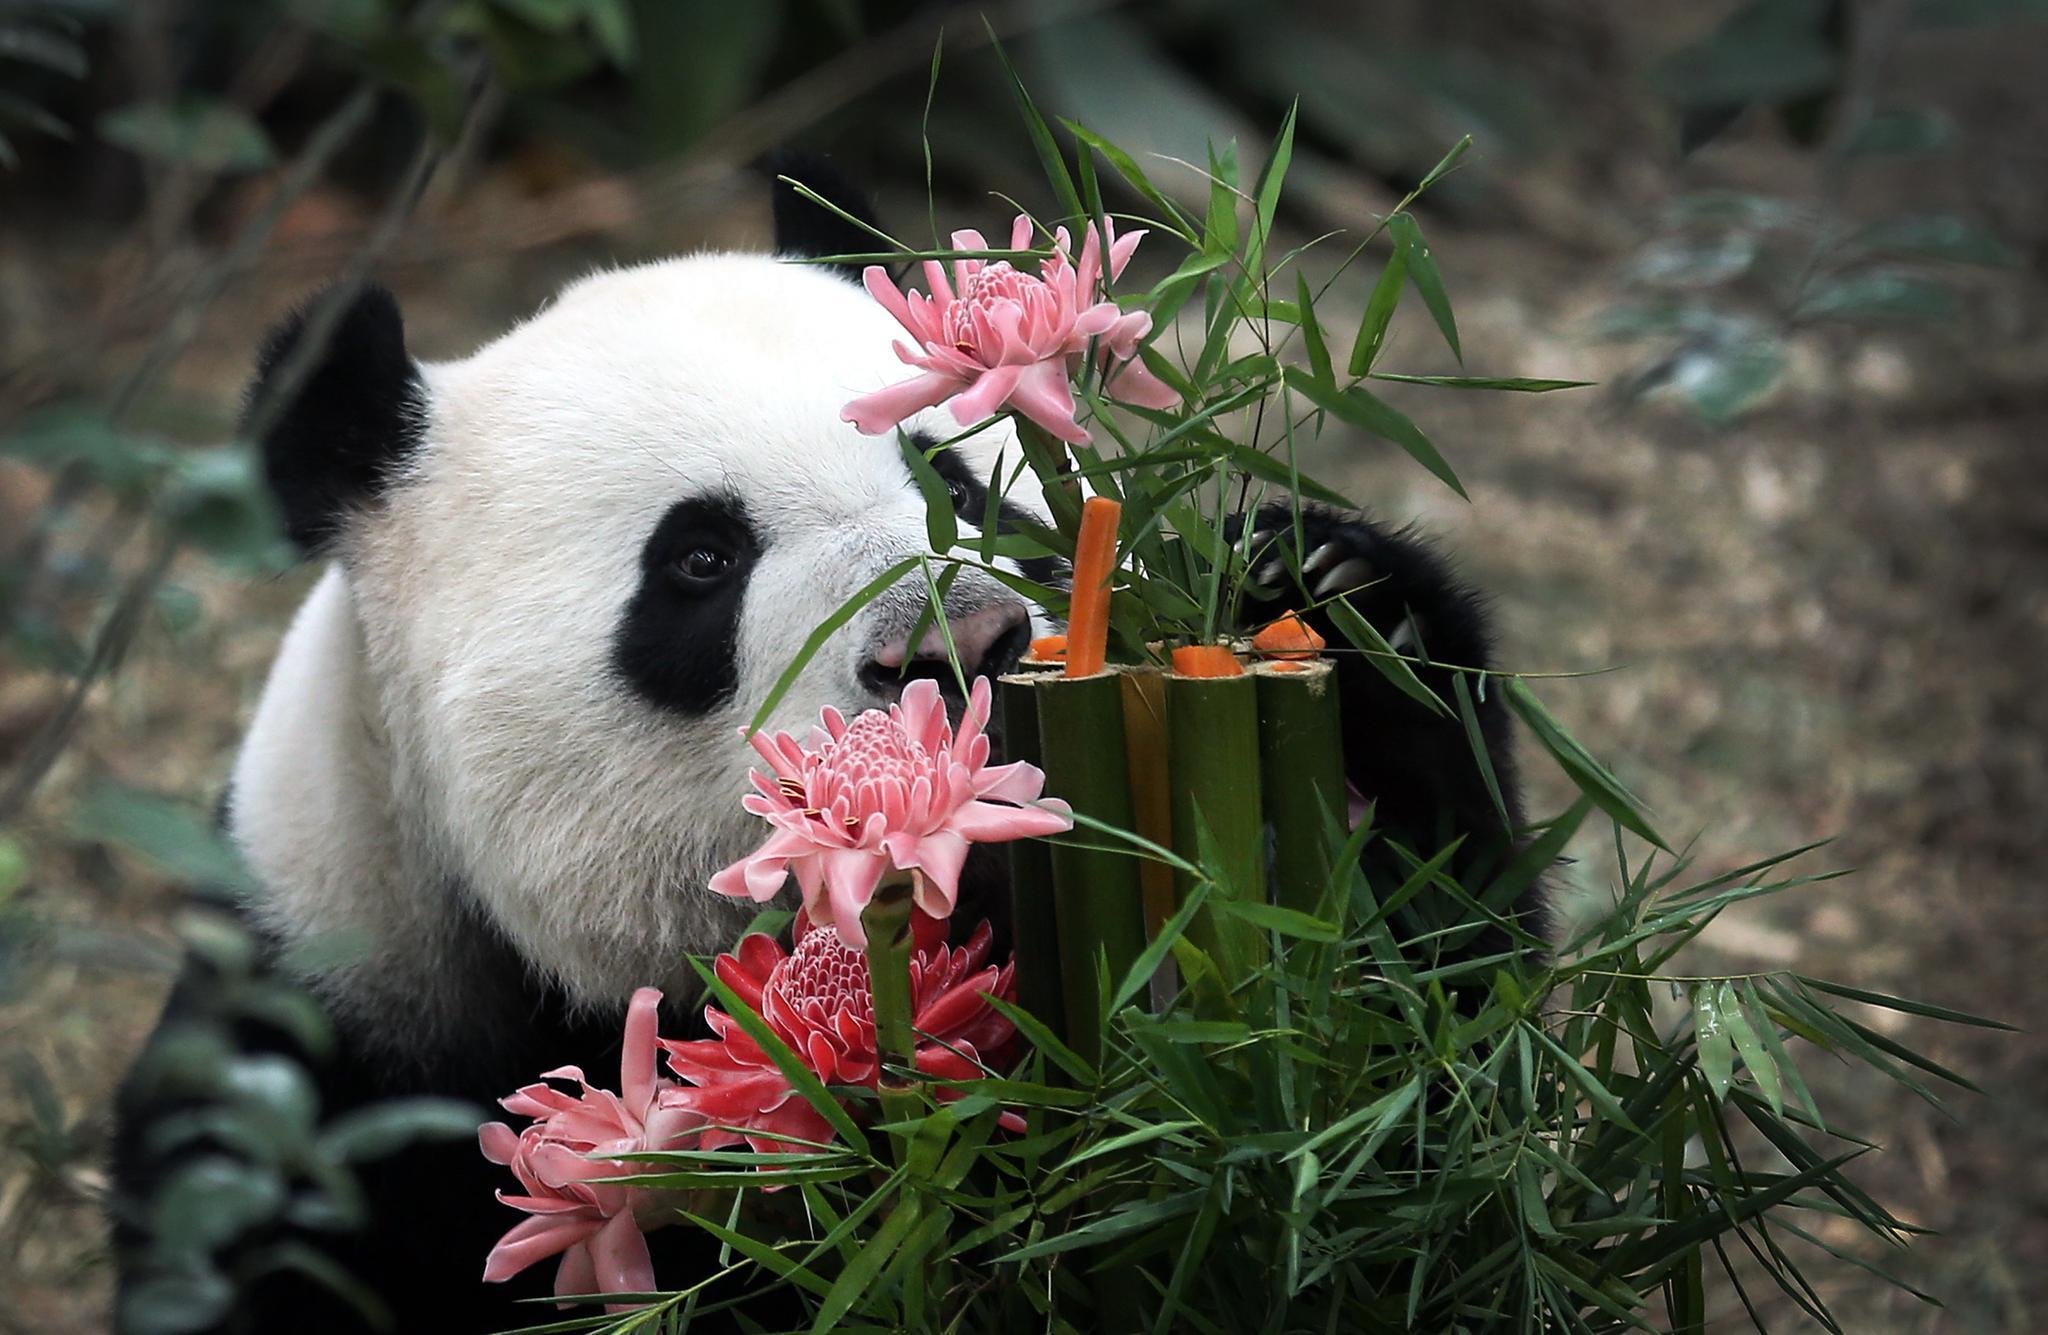 шкаф картинка животное с цветком заметную роль, принёсшую